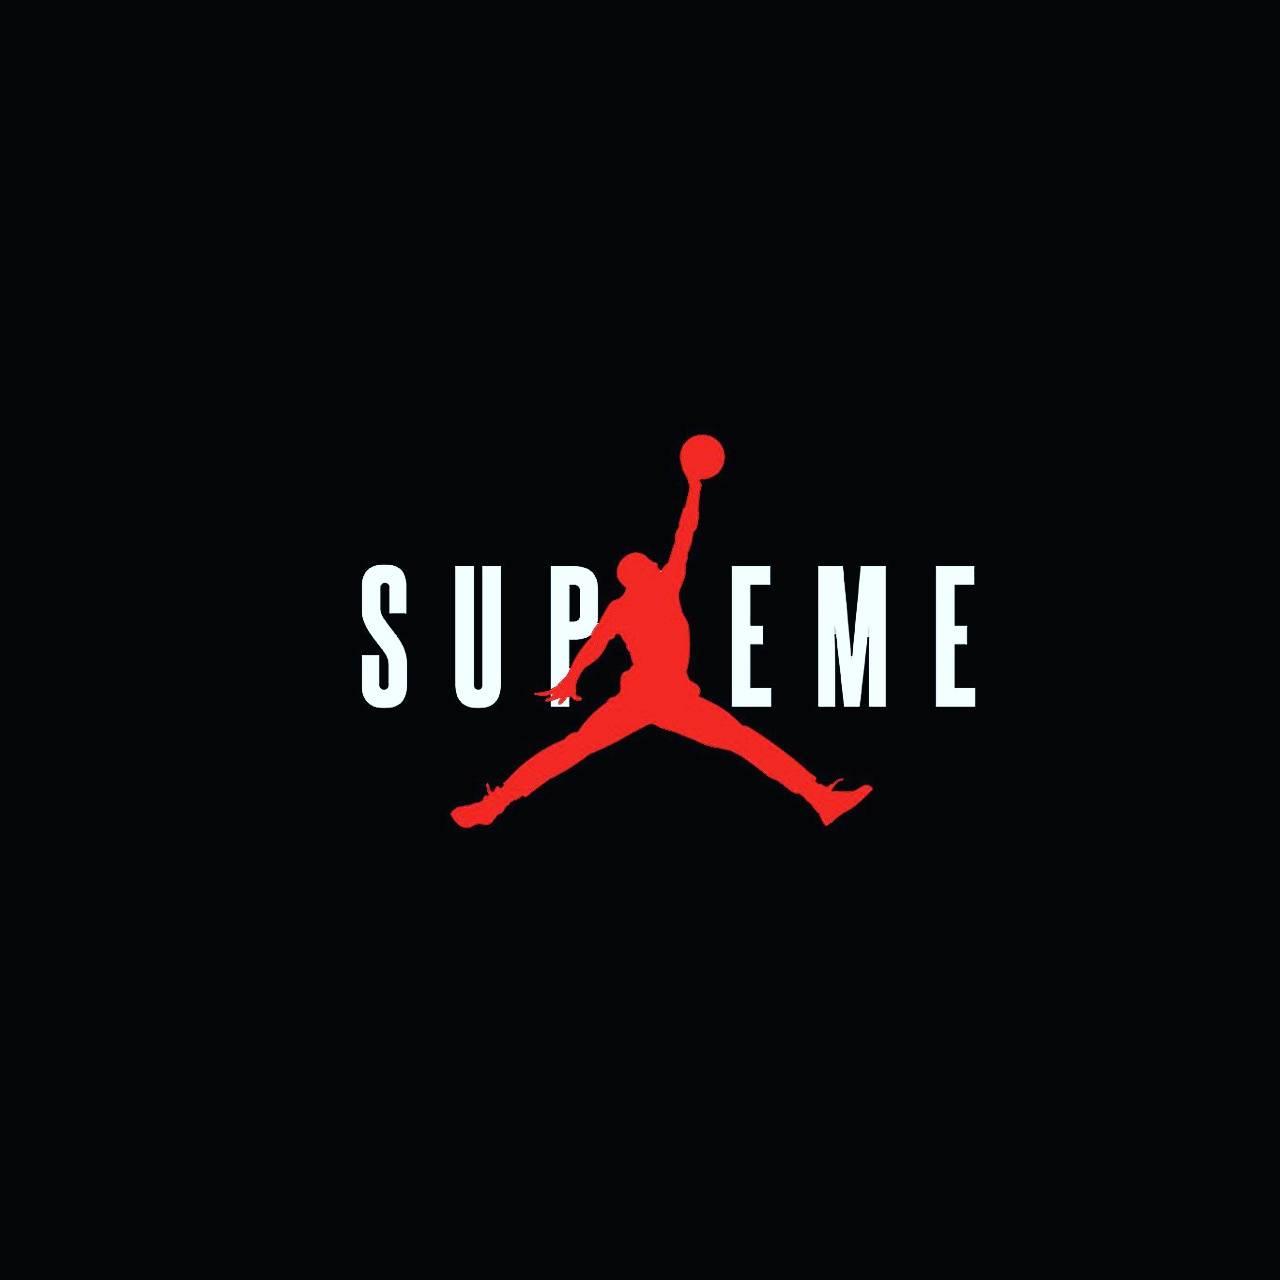 Supreme and jordan